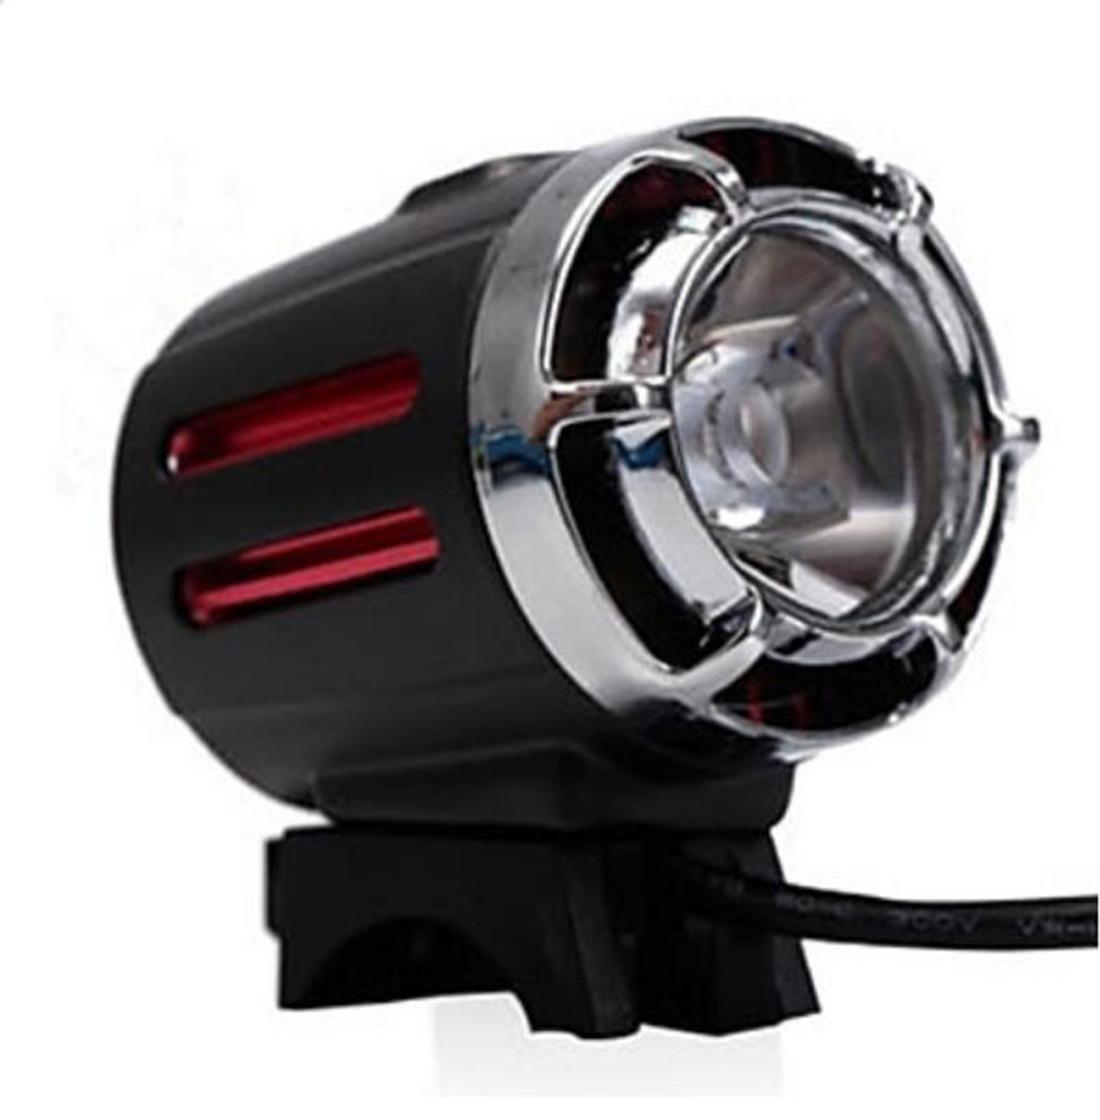 Stirnlampen LED 1200,1 Modus,XM-L T6 18650 Winkelkopf Camping / Wandern / Erkundungen Für den täglichen Einsatz Radsport Jagd